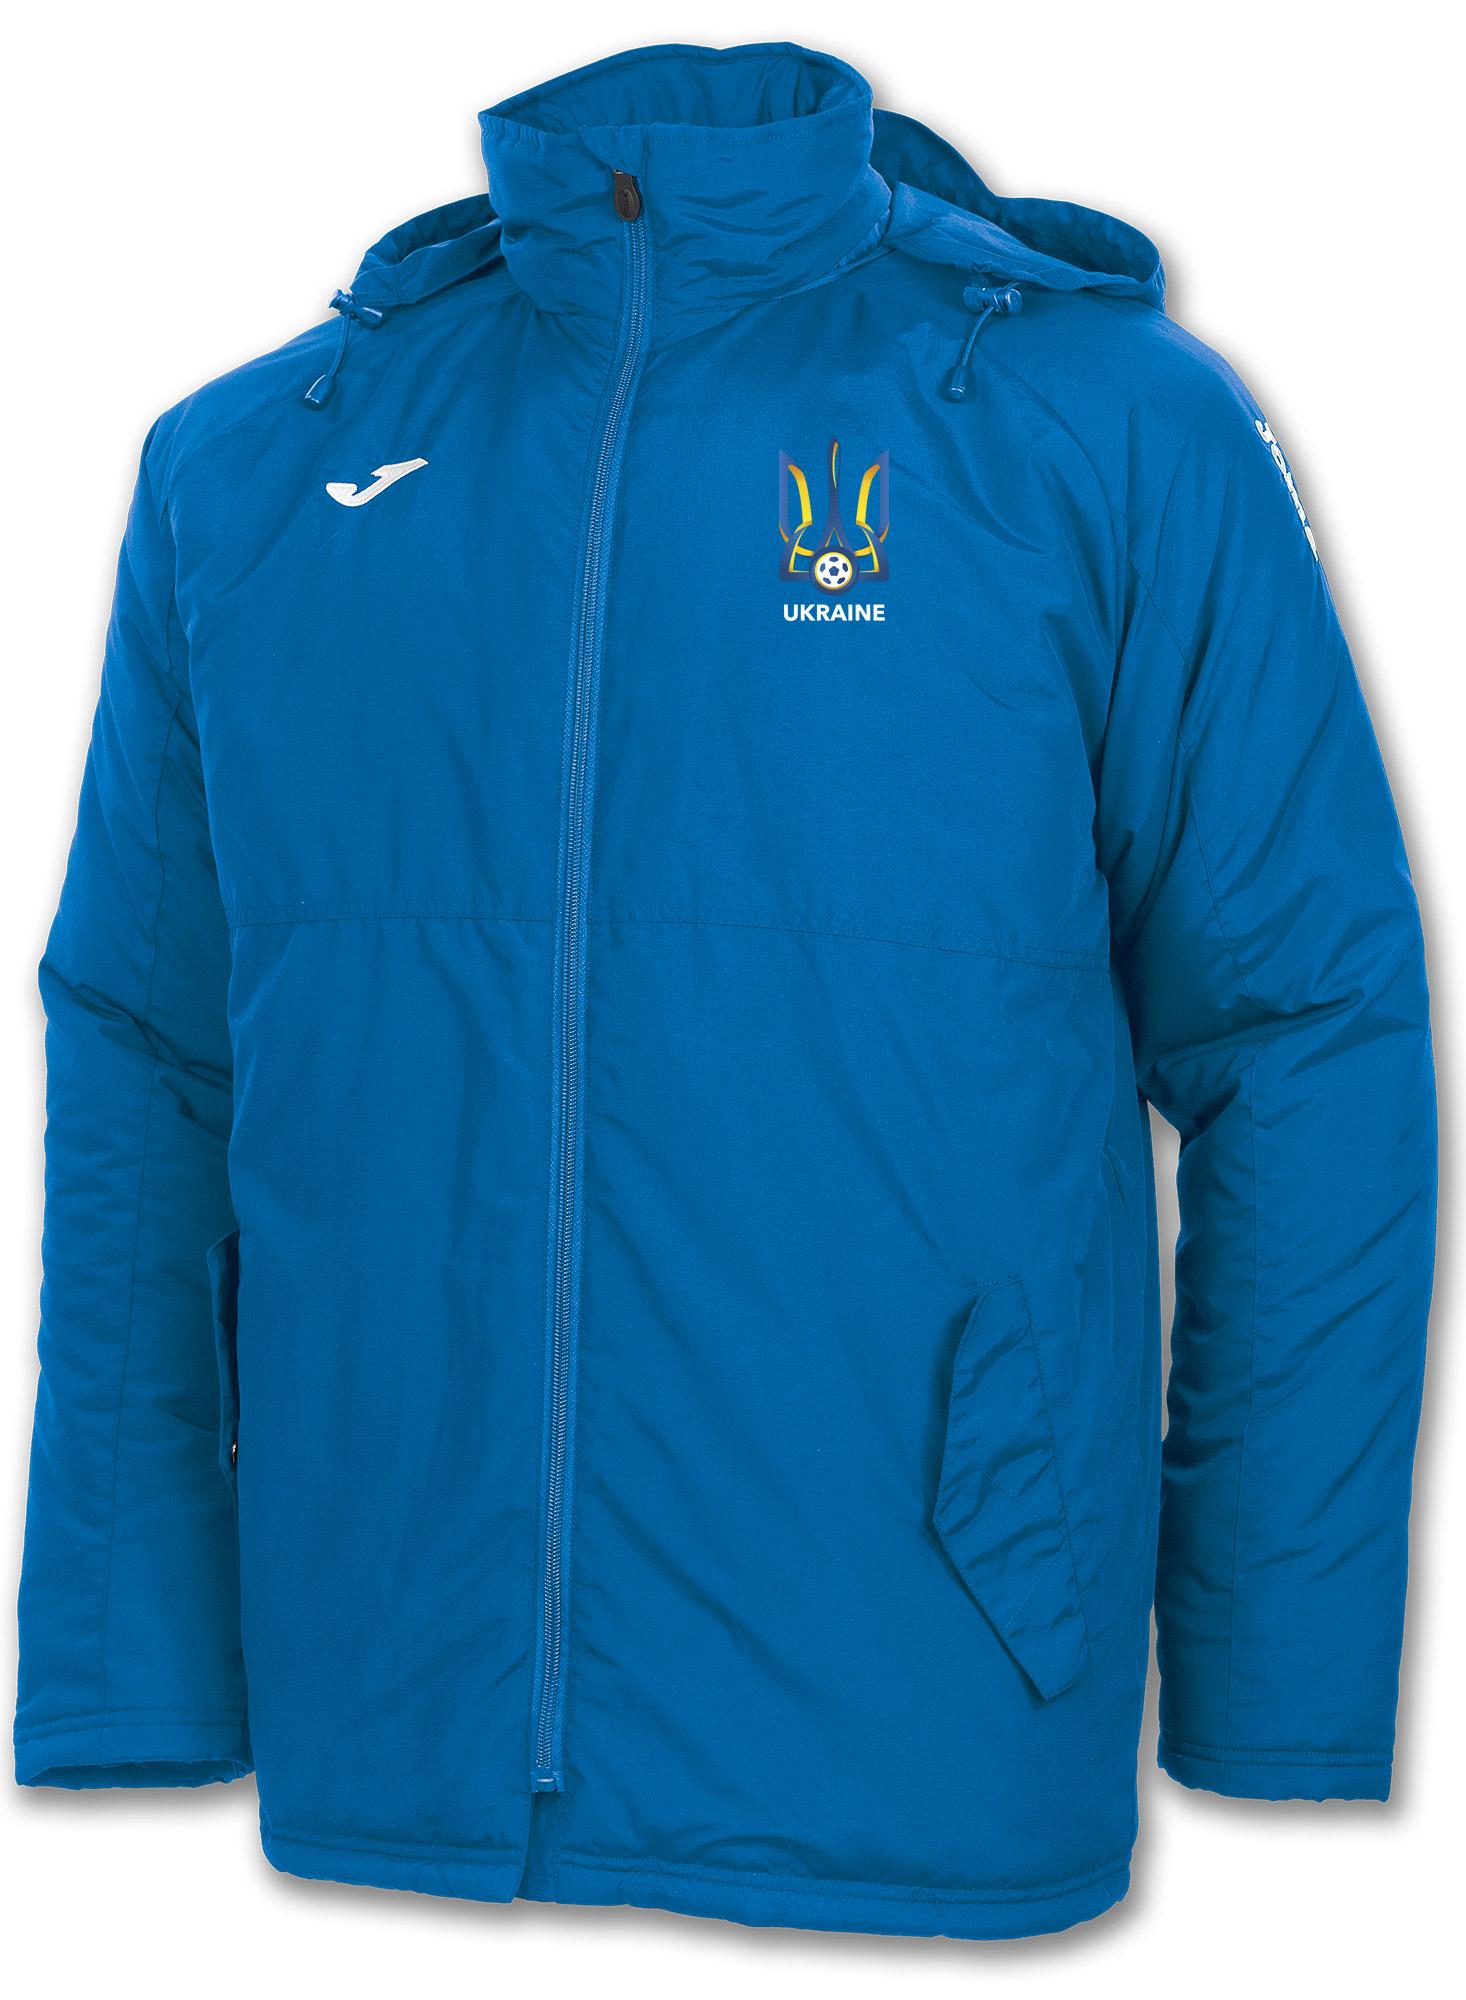 куртка Joma Украина